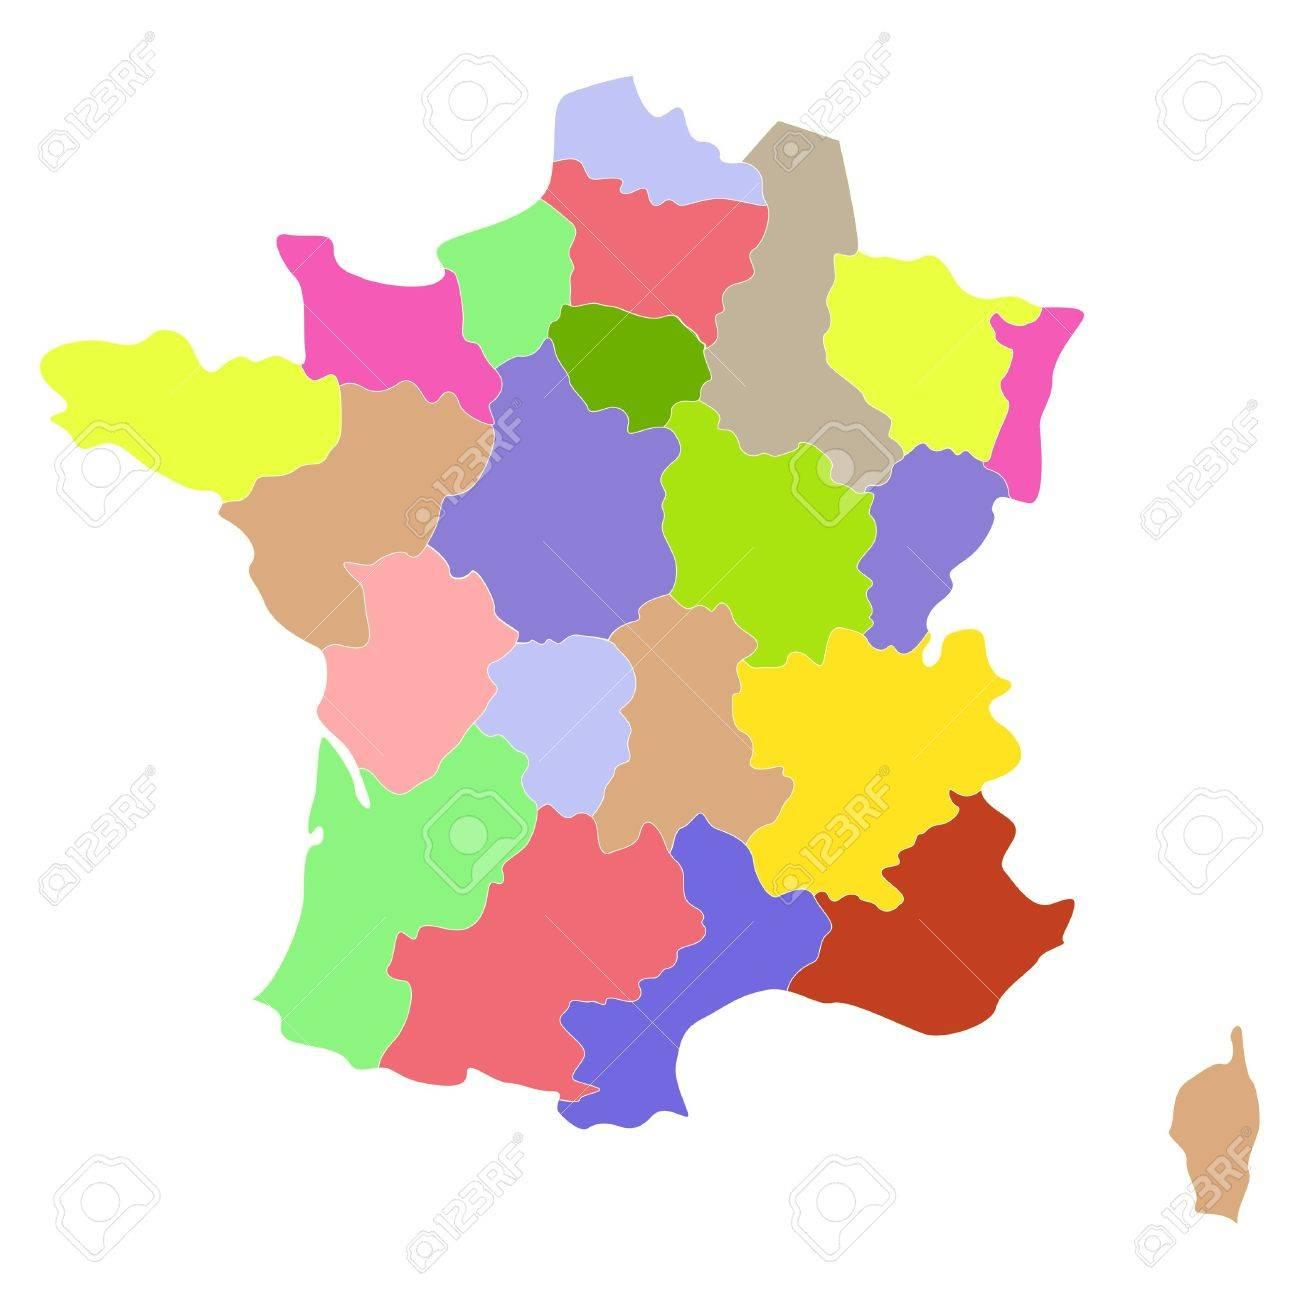 Carte De France Avec Les Régions Et Les Comtés. intérieur Carte De La France Avec Les Régions